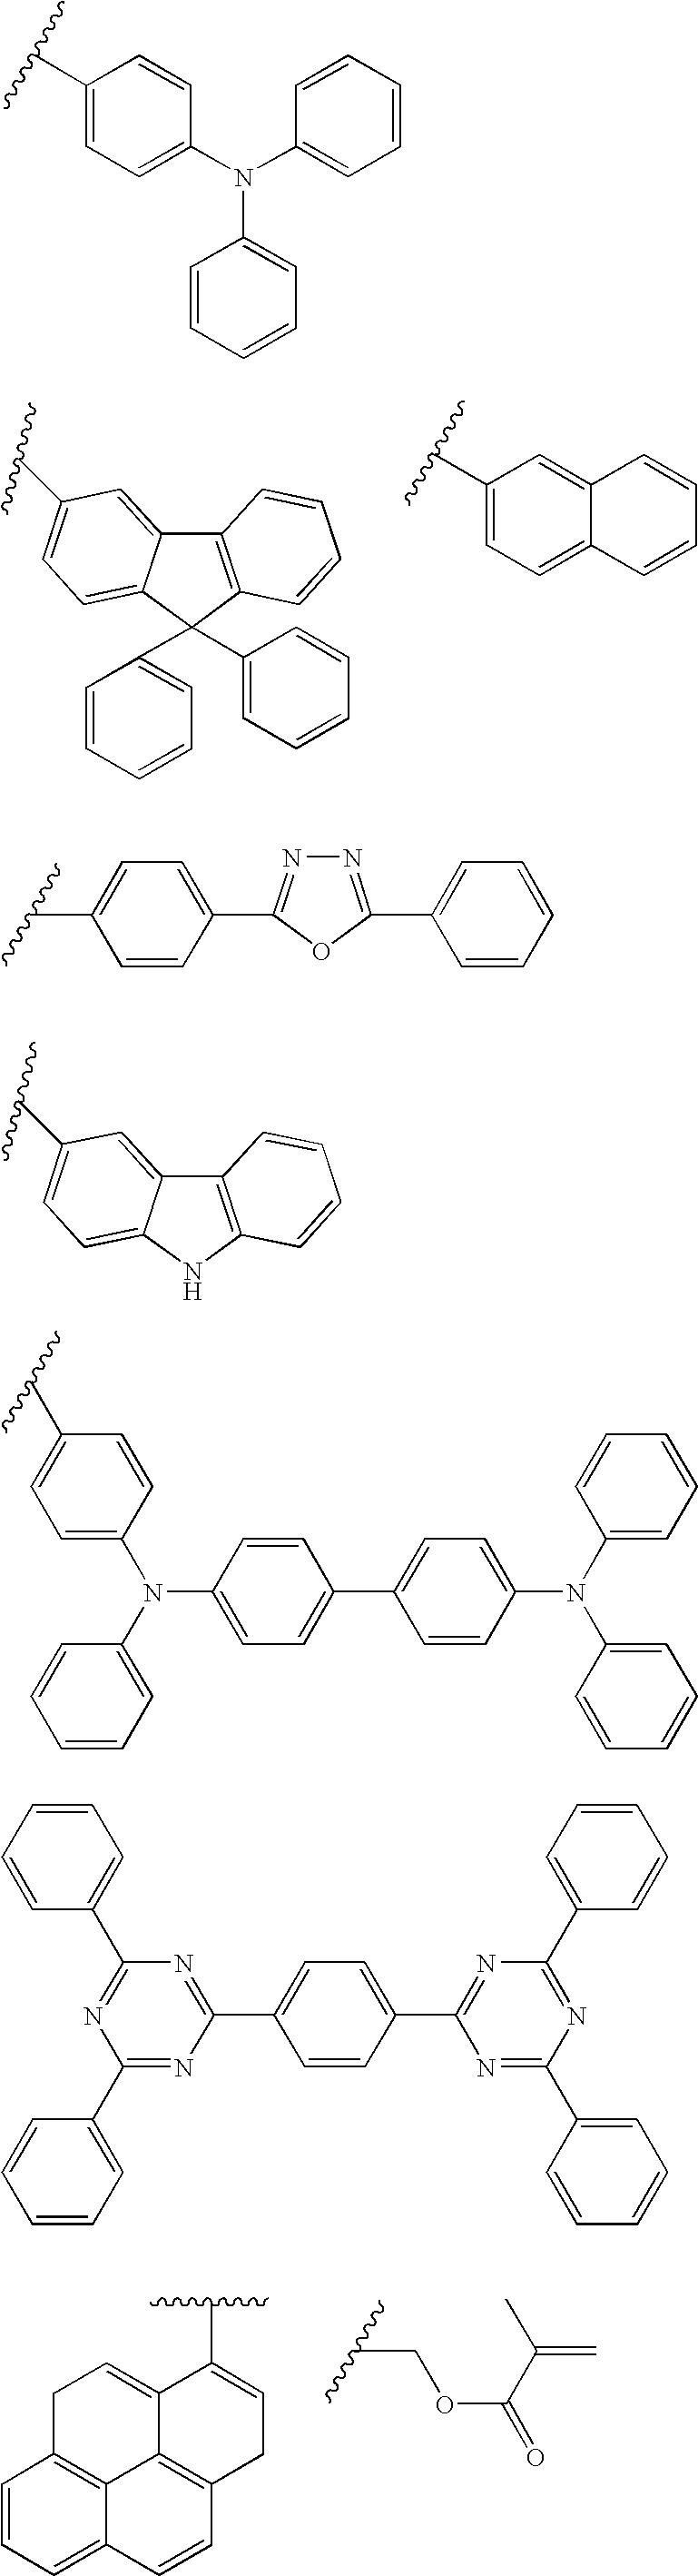 Figure US20100283014A1-20101111-C00008